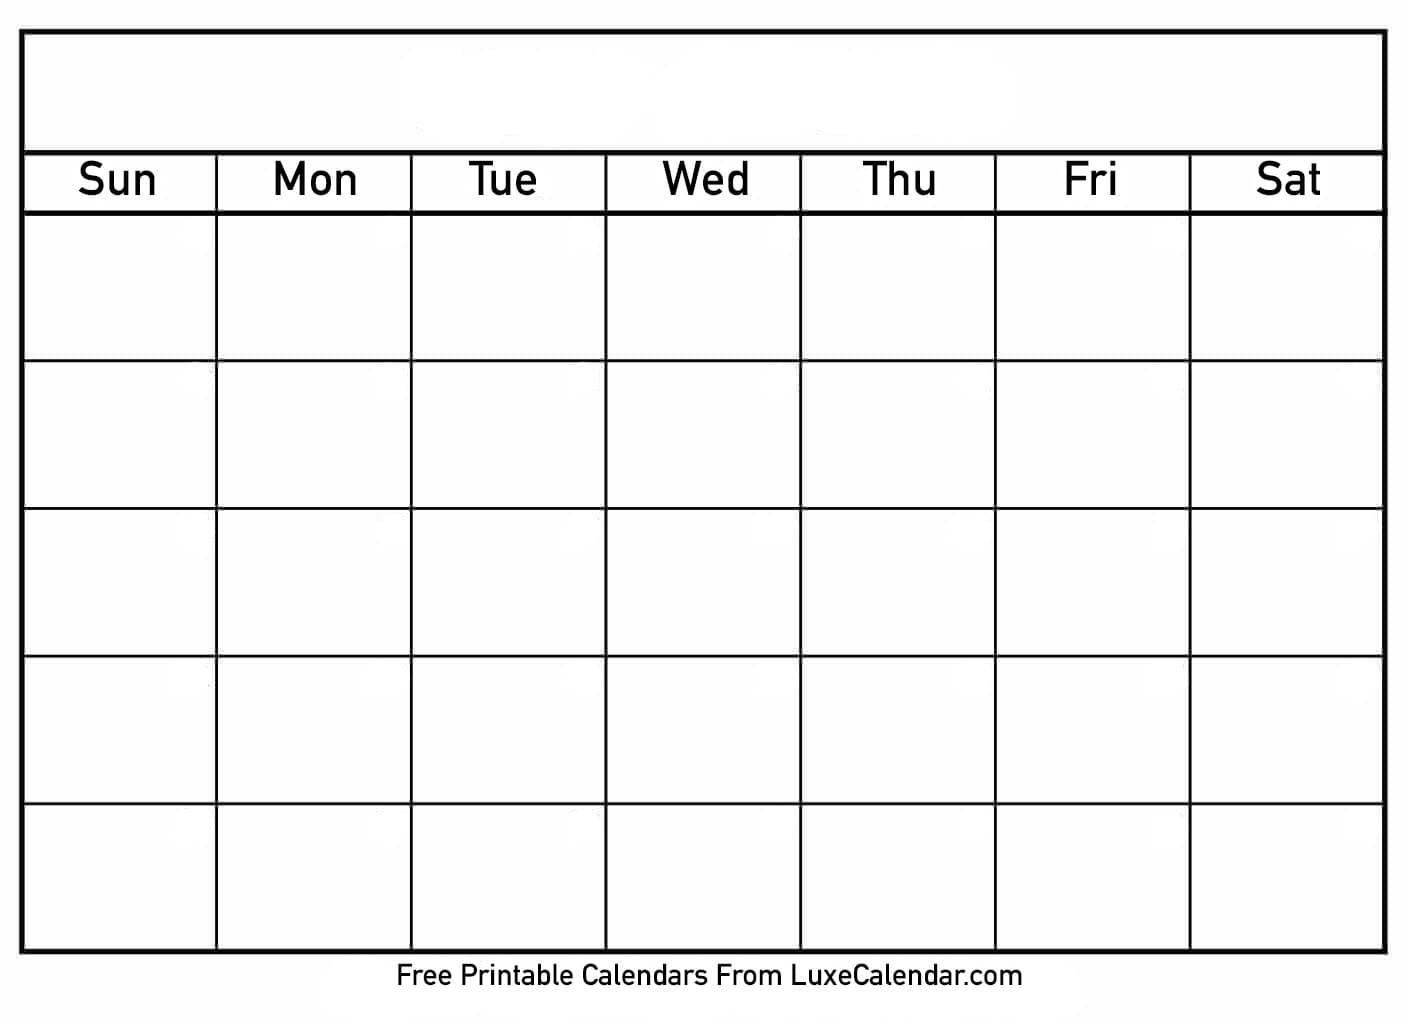 Blank Printable Calendar - Luxe Calendar regarding Free Blank Printable Calendar Template